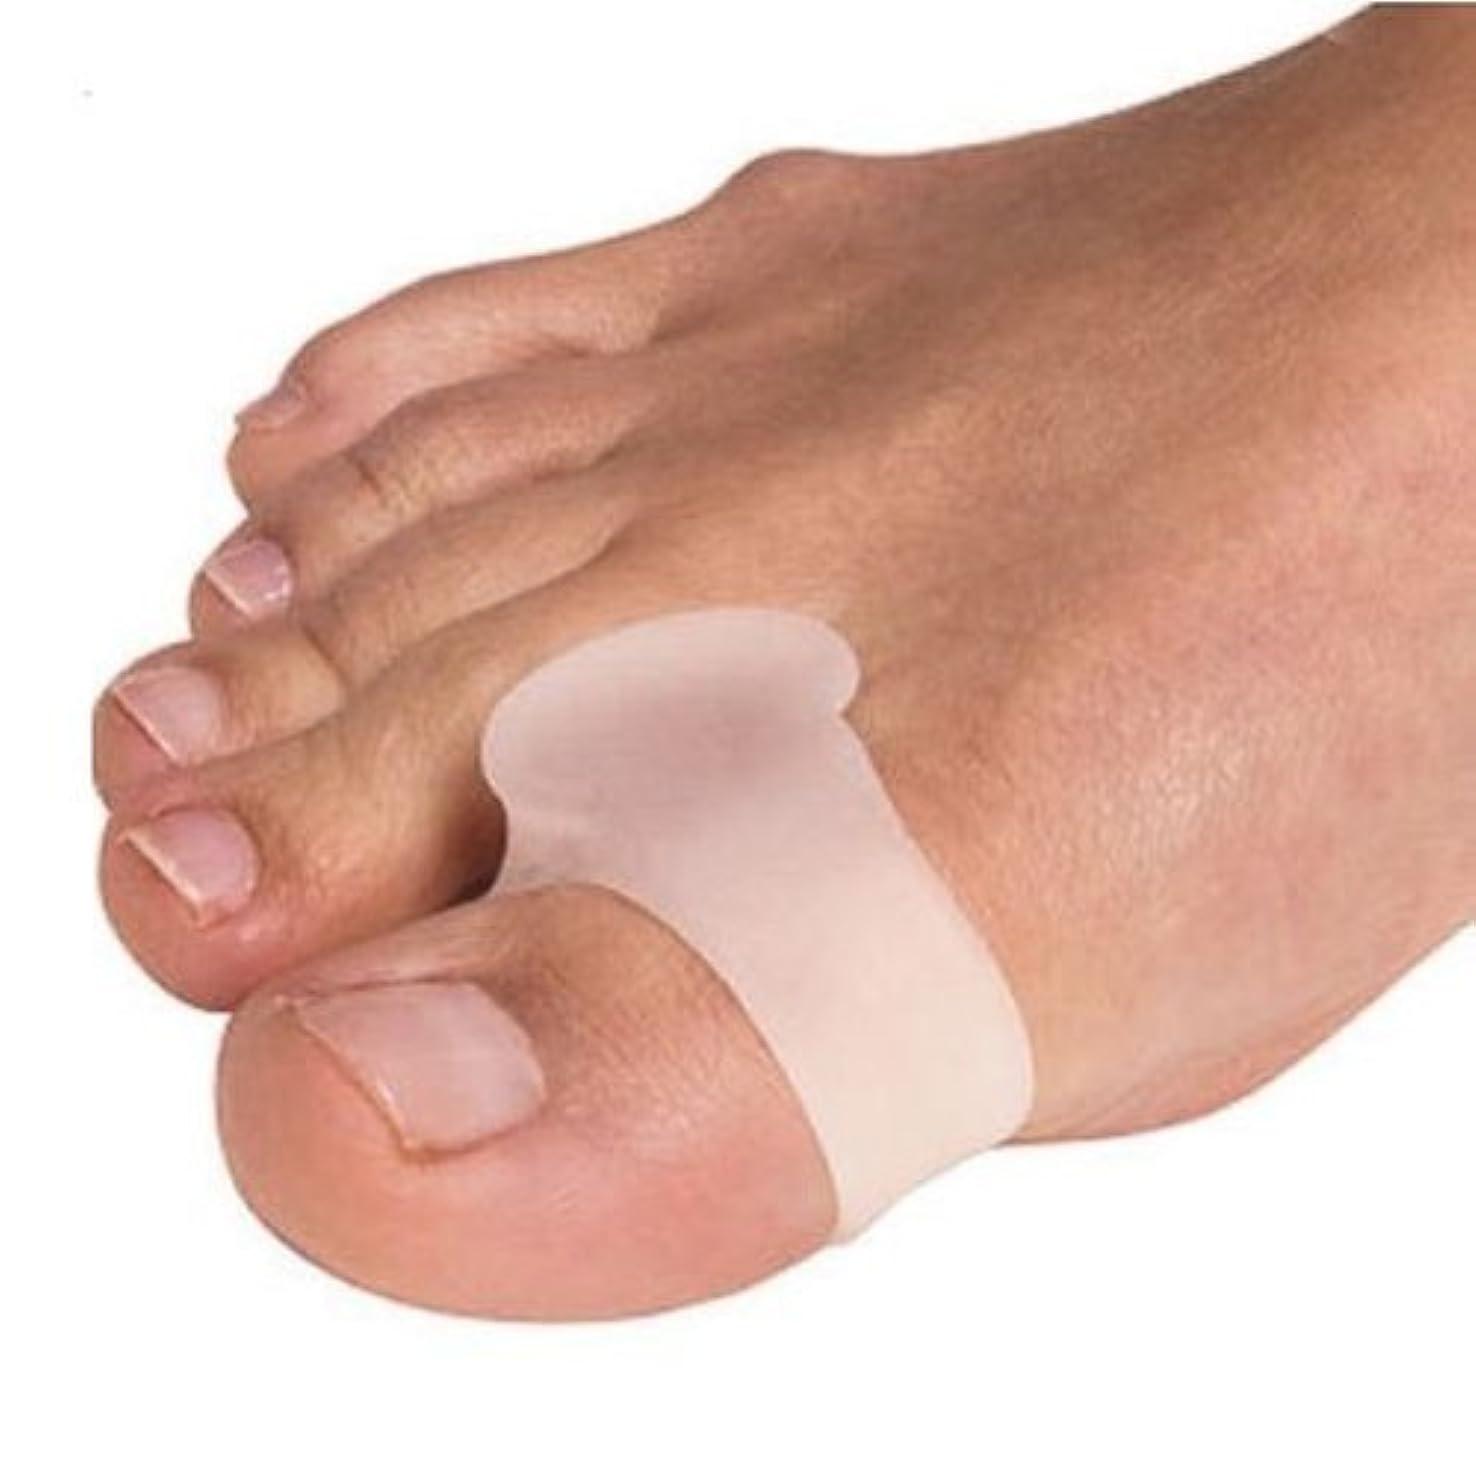 水銀の形うがい外反母趾用足指スペーサー 固定リング付き(P27-M)